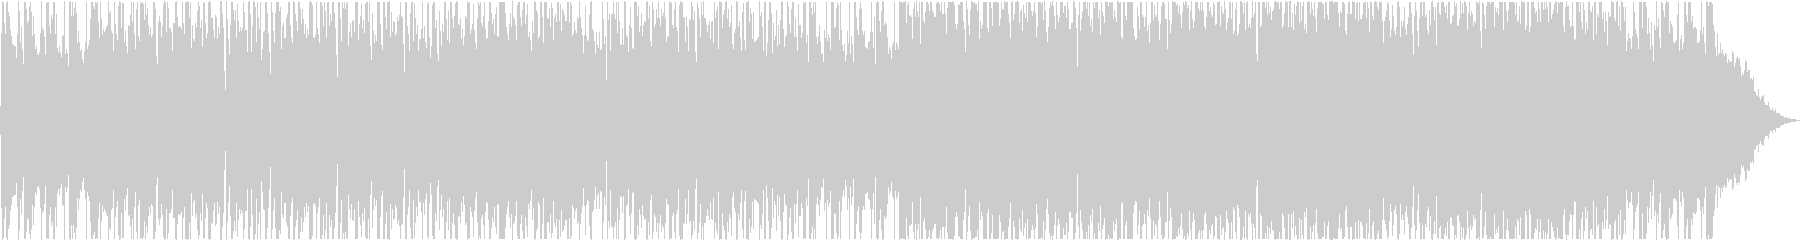 クールなウエスタンミュージックの未再生の波形